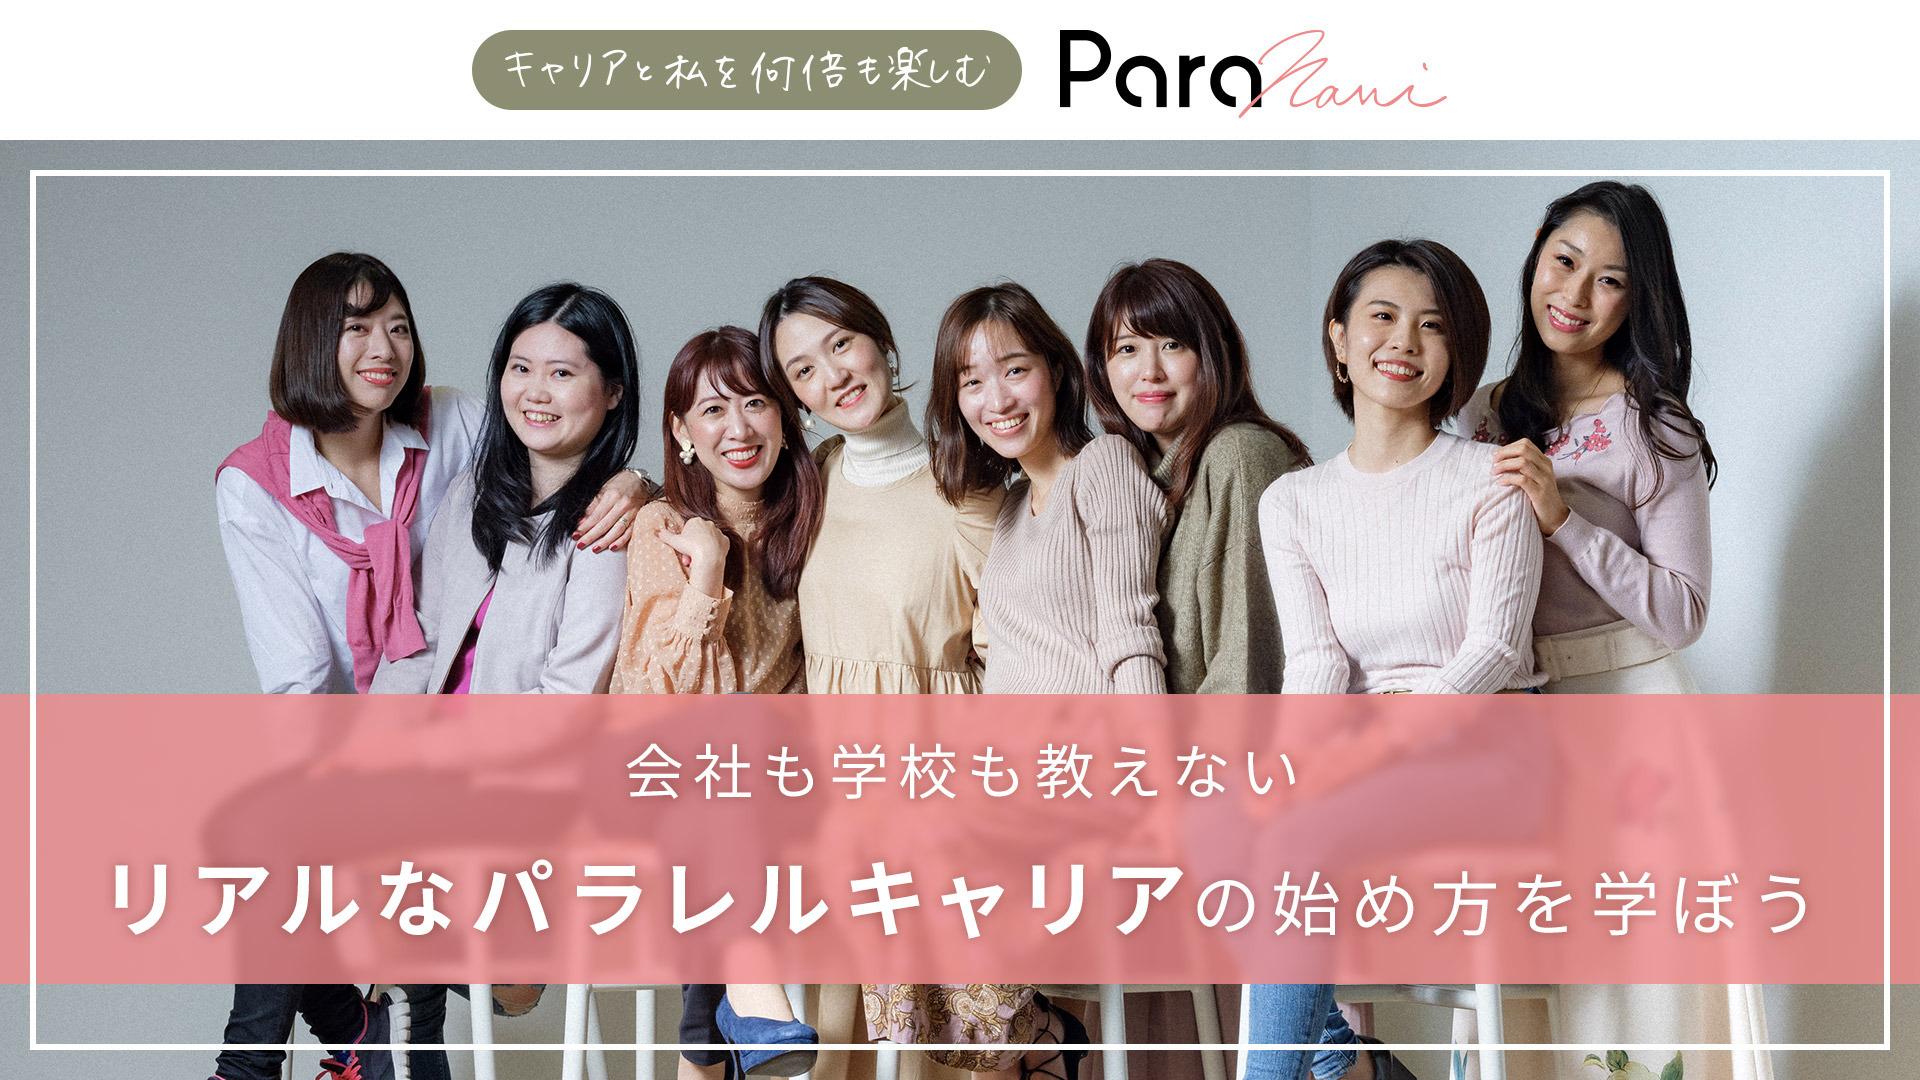 女性のためのパラレルキャリアコミュニティParanavi